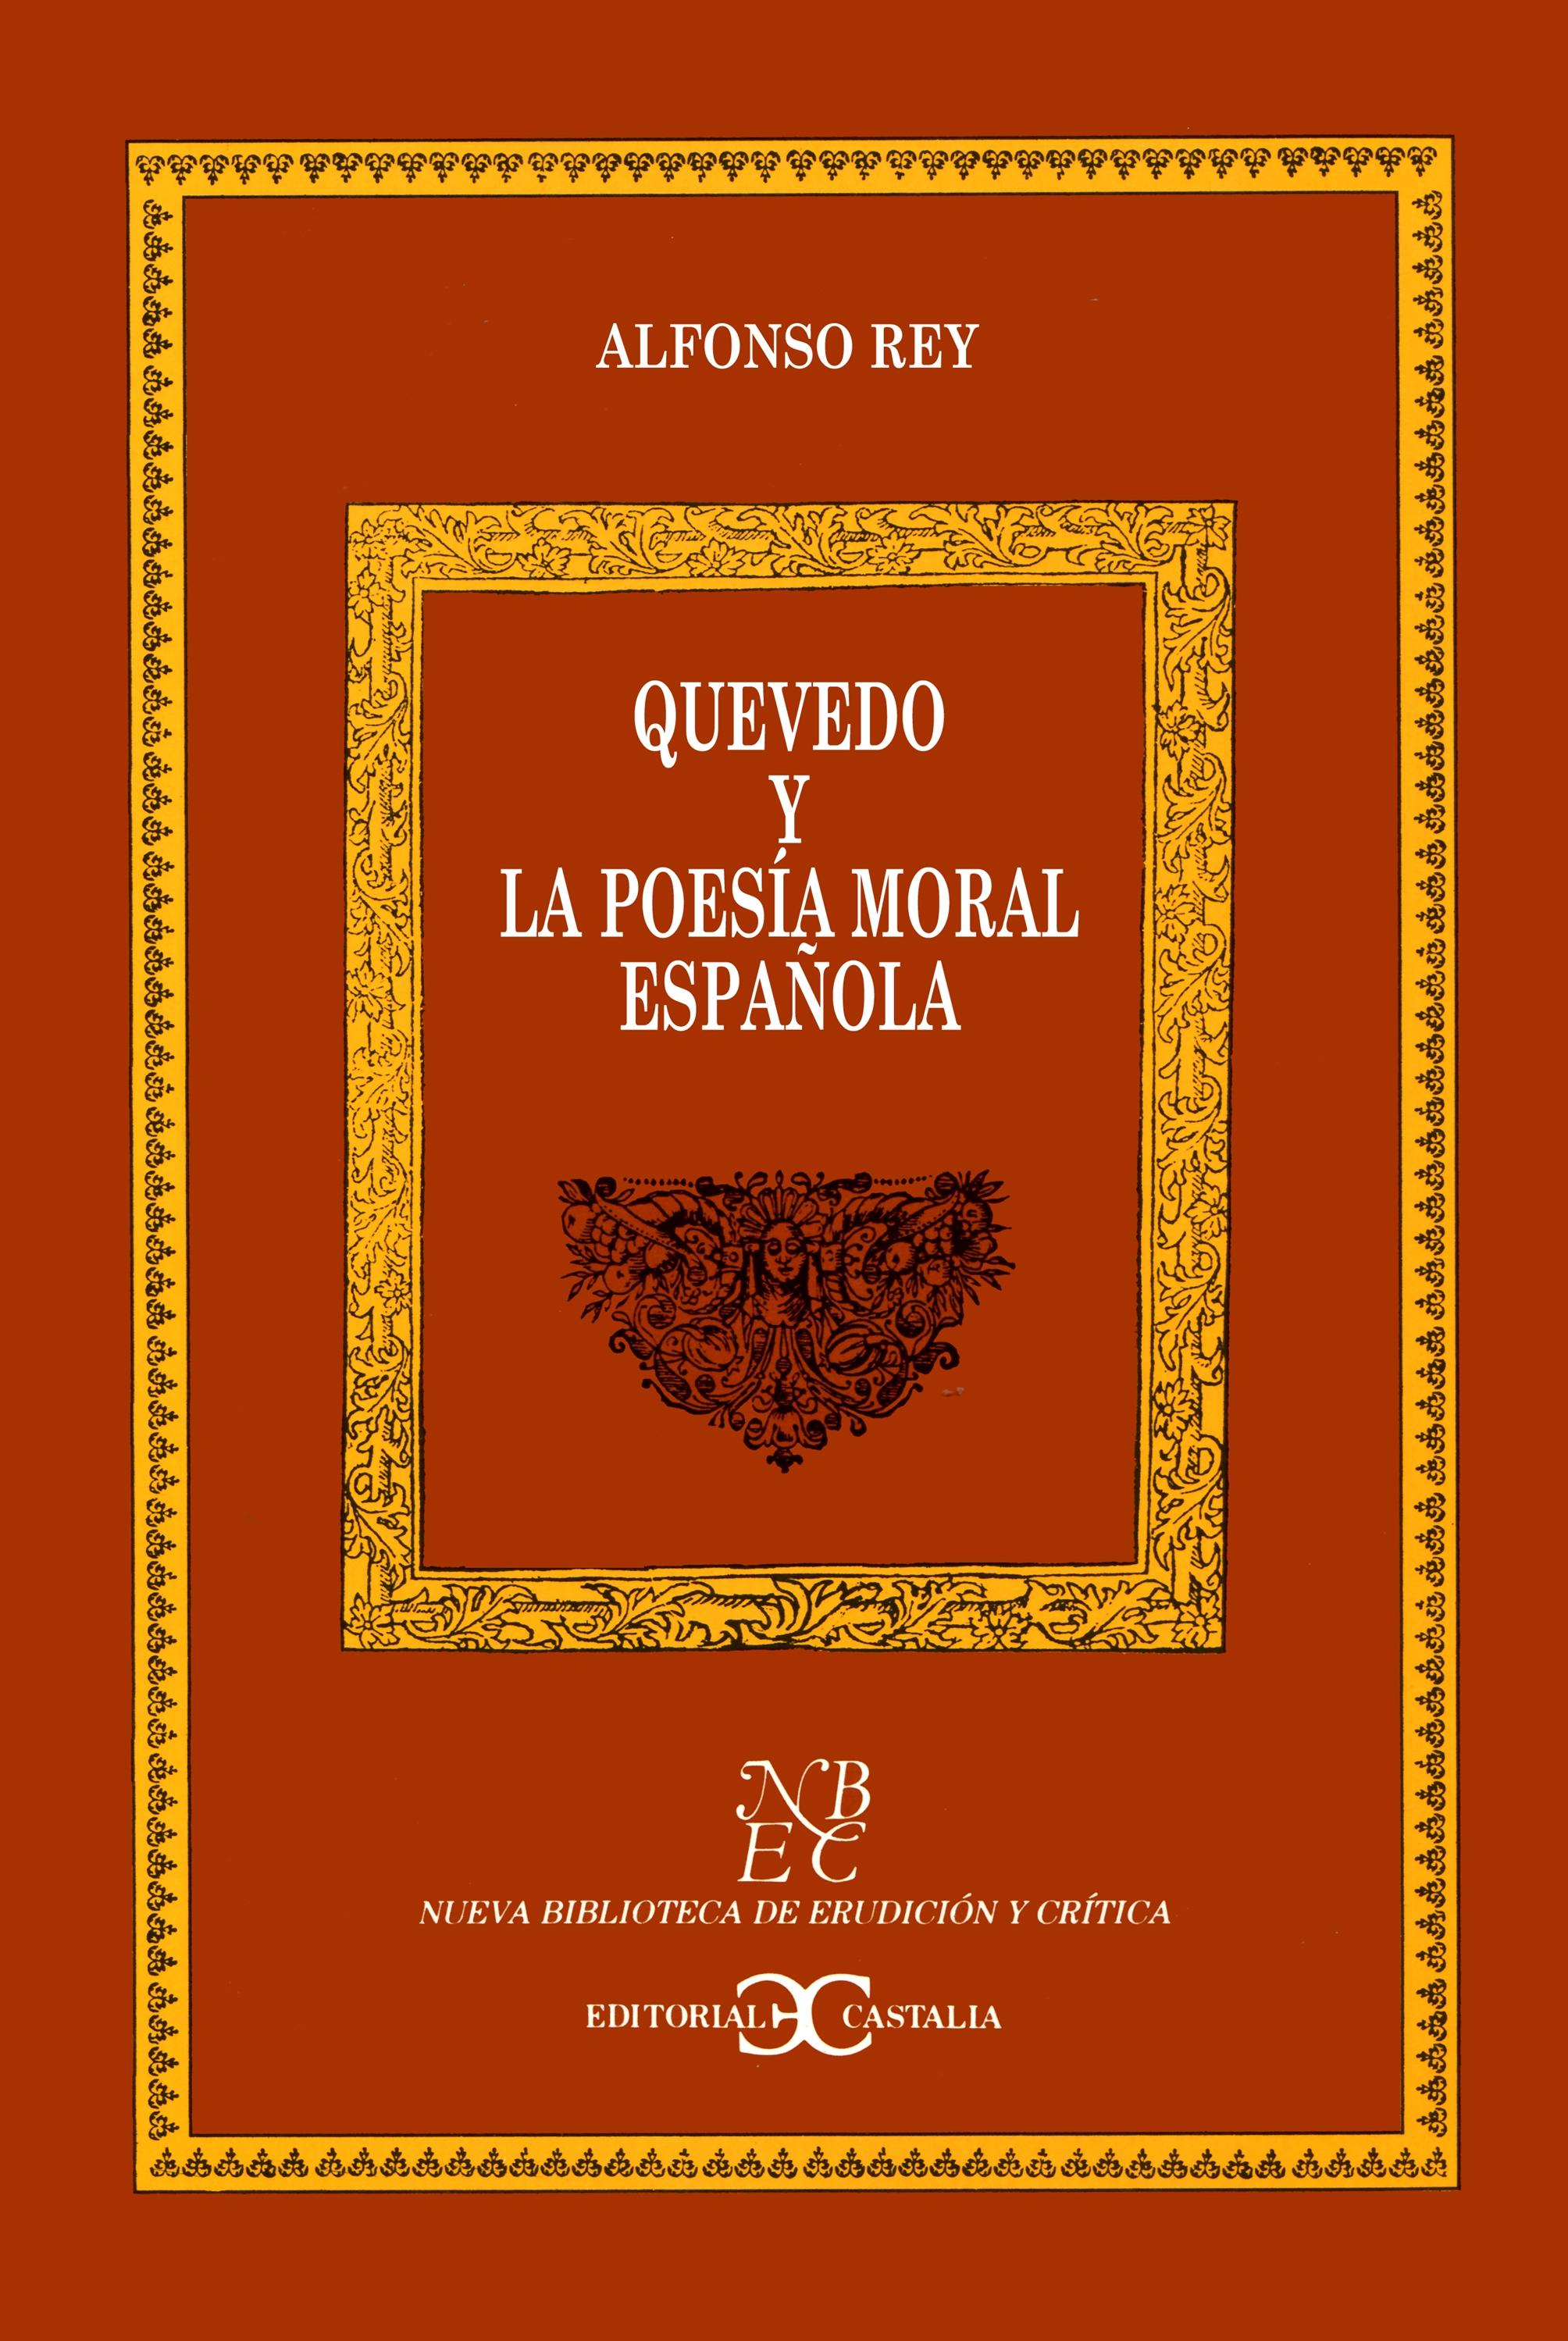 Quevedo y la poesía moral española